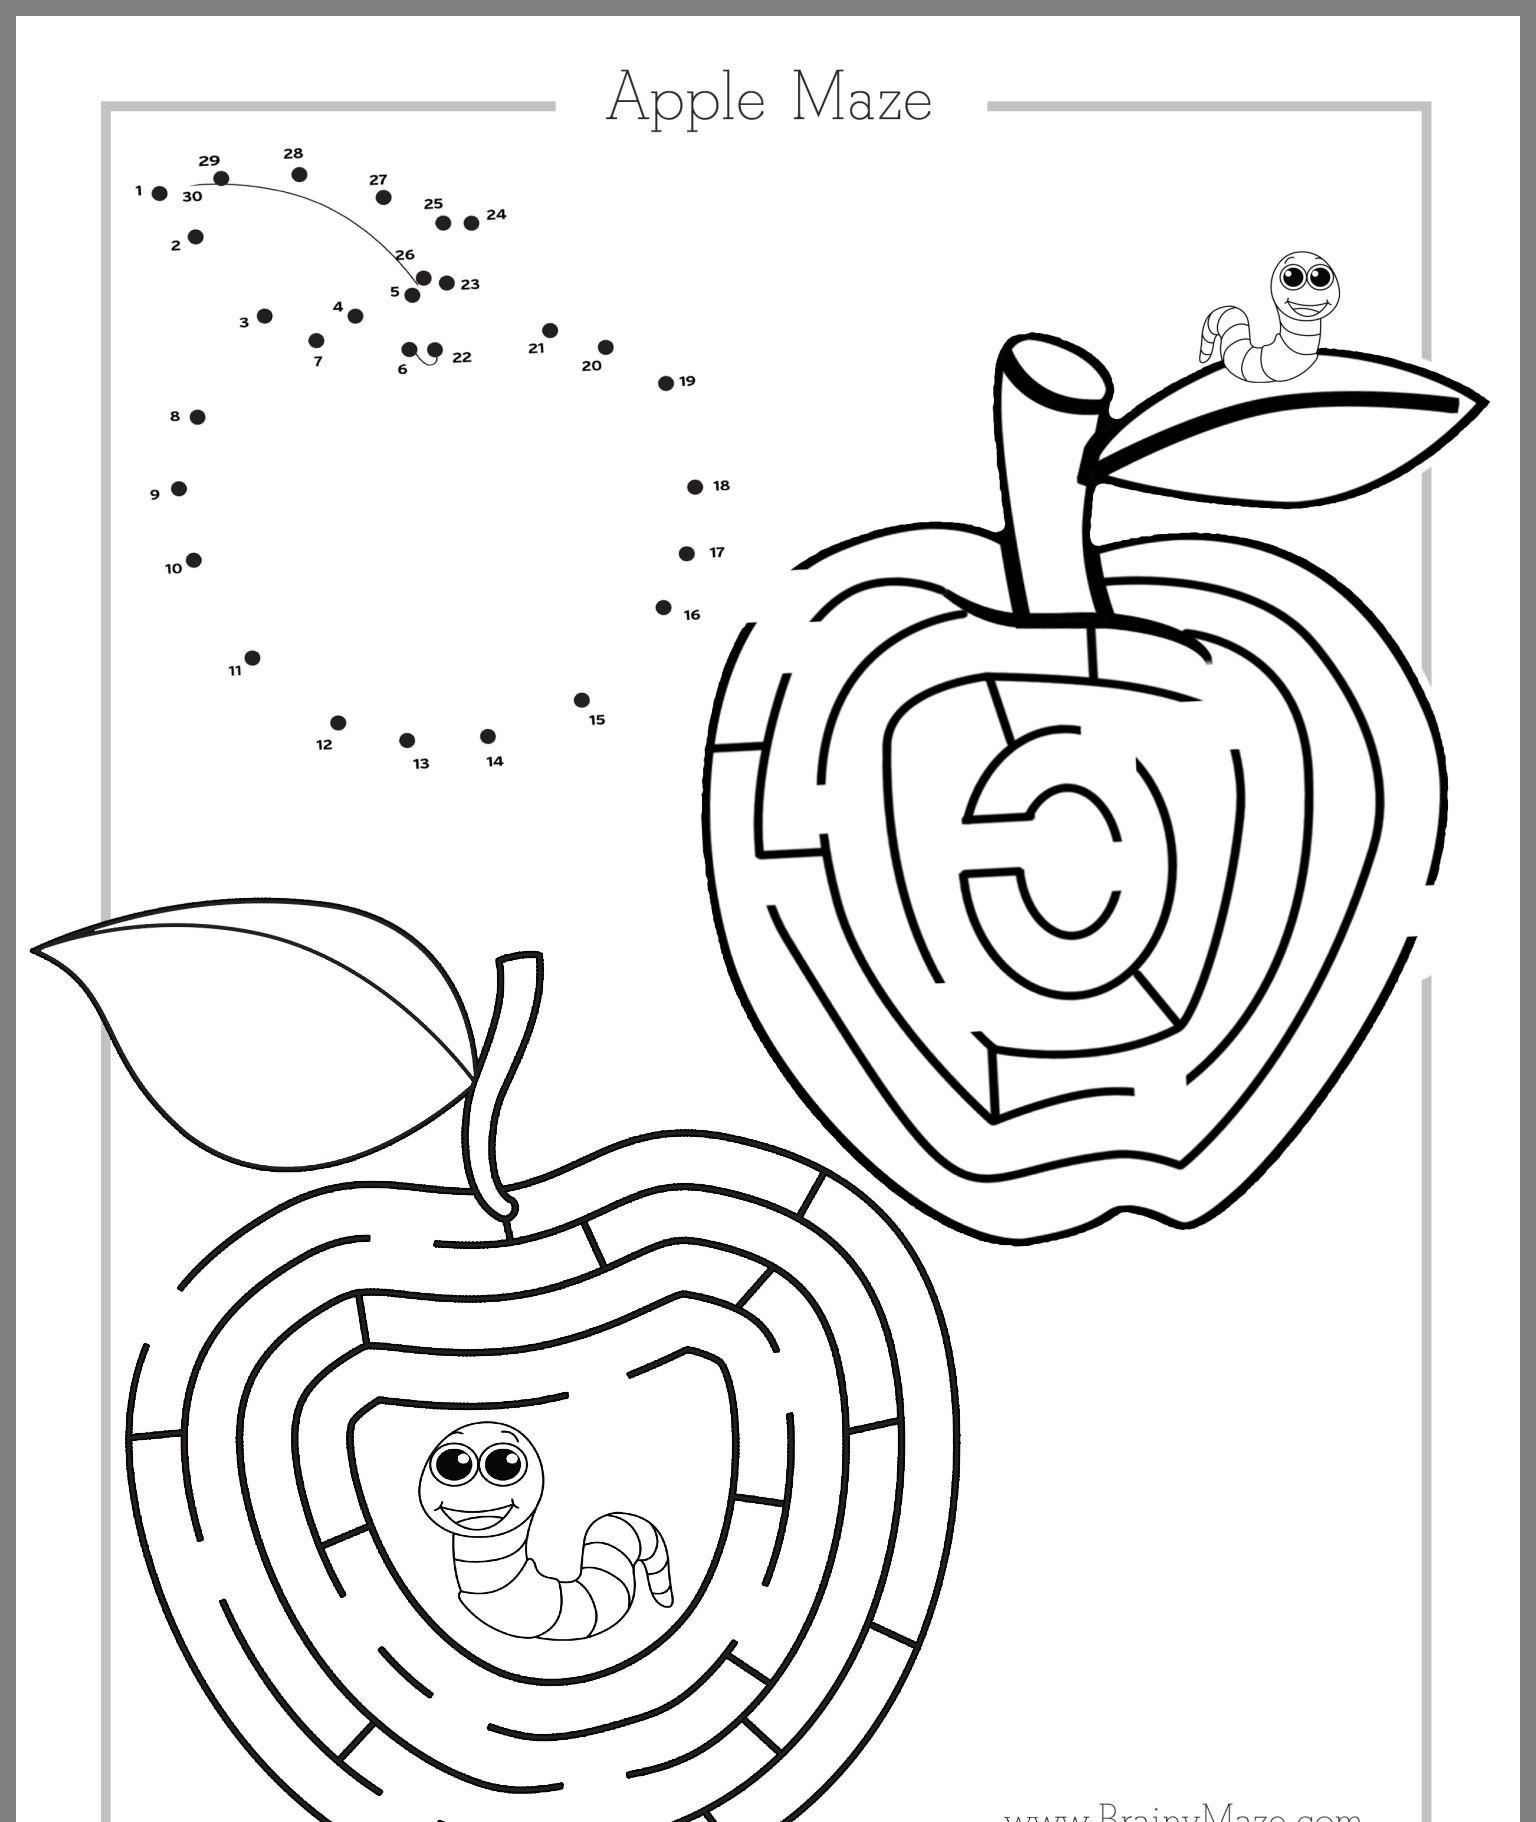 35+ Pumpkin maze coloring pages ideas